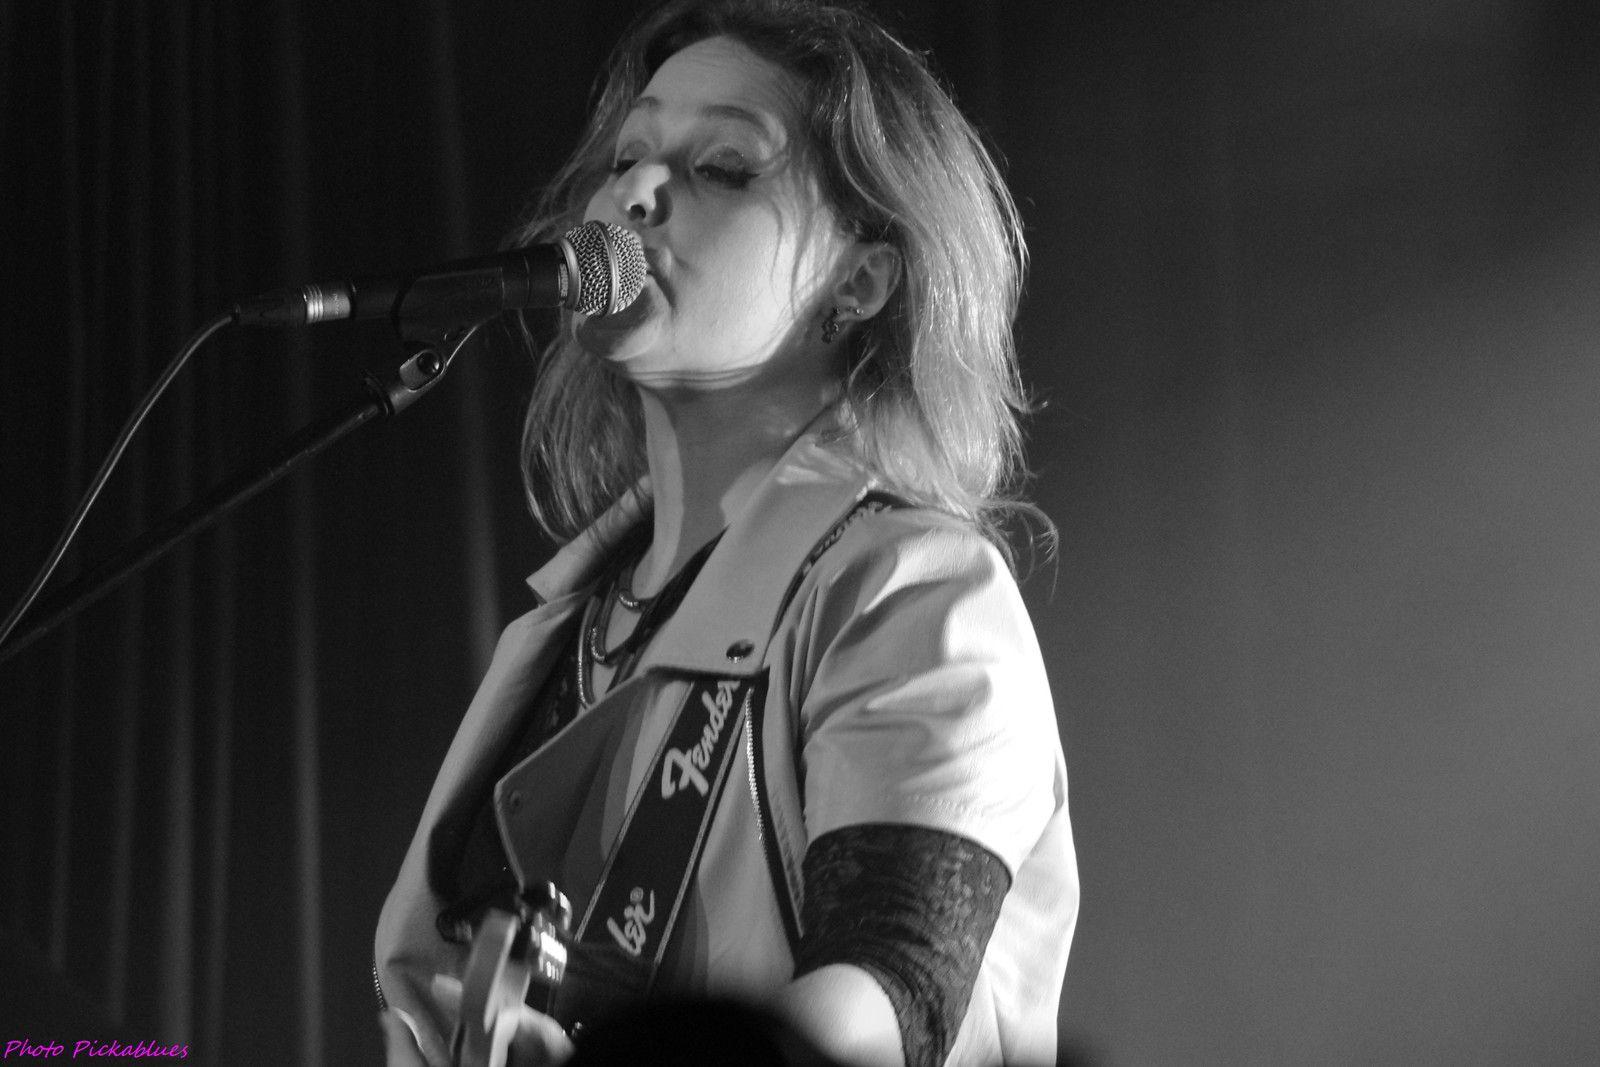 Eliana Cargnetutti - 01/03/2020 - Blues en Mars 2020 - La Boite à Musiques, Wattrelos (59)